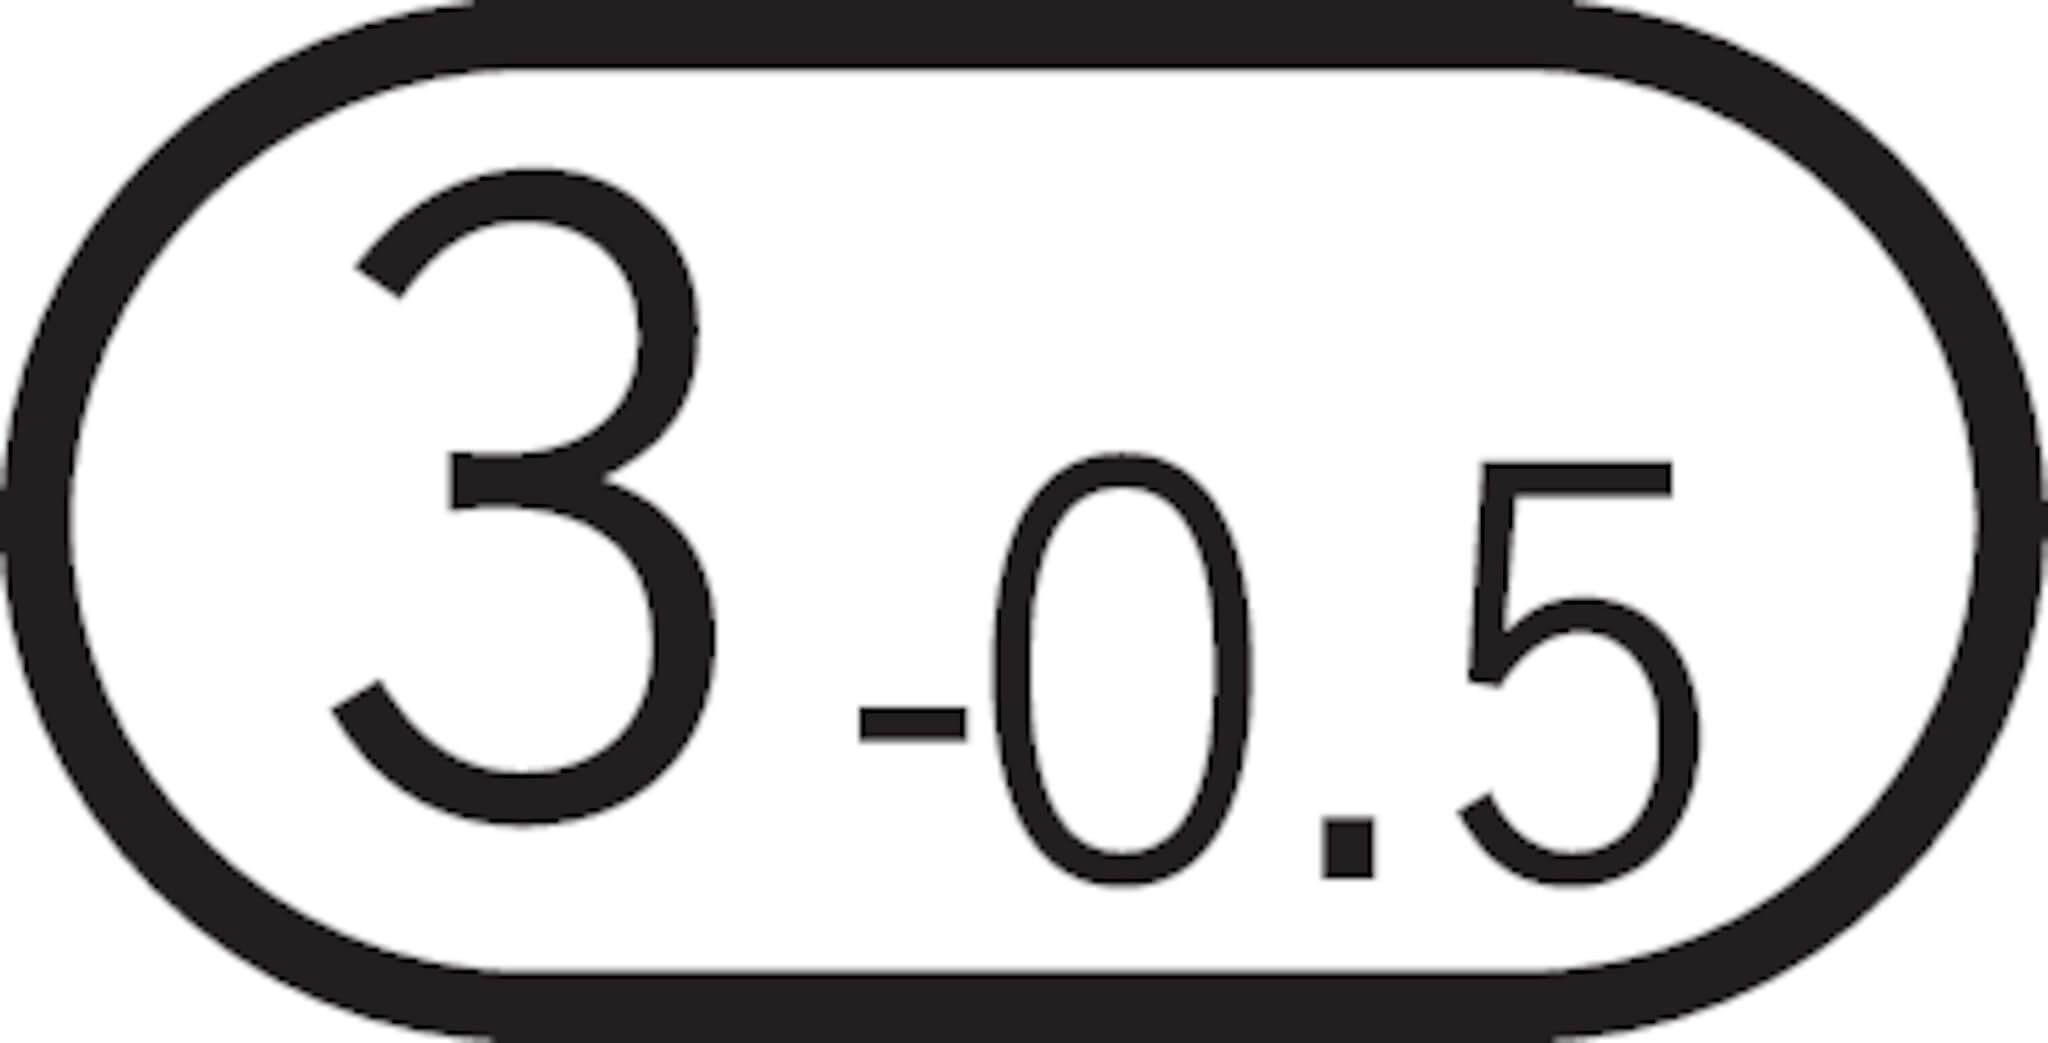 sn02r12